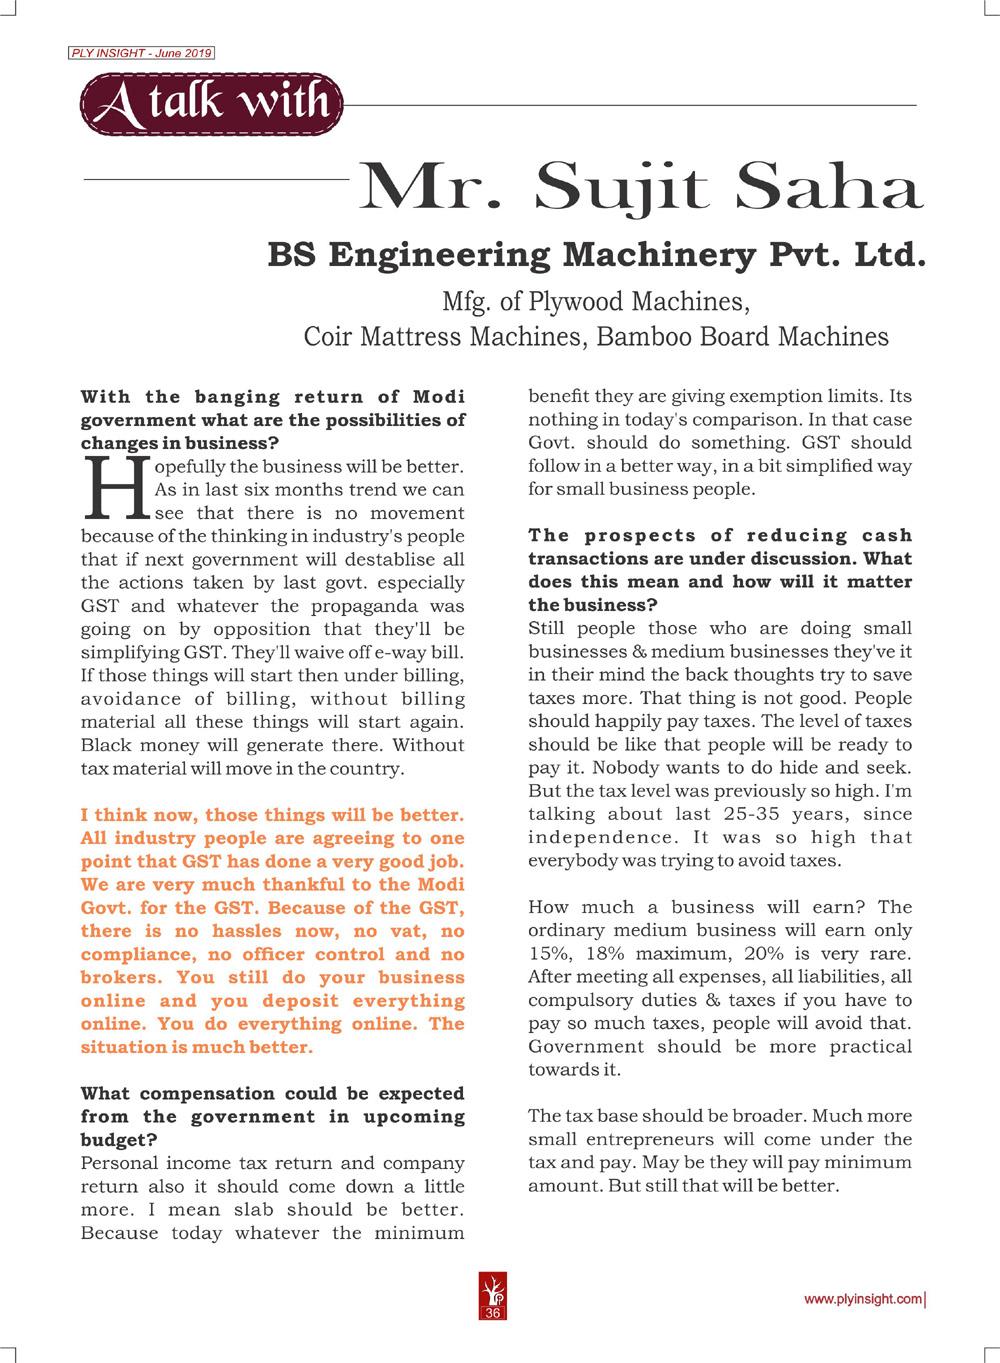 Mr. Sujit Saha